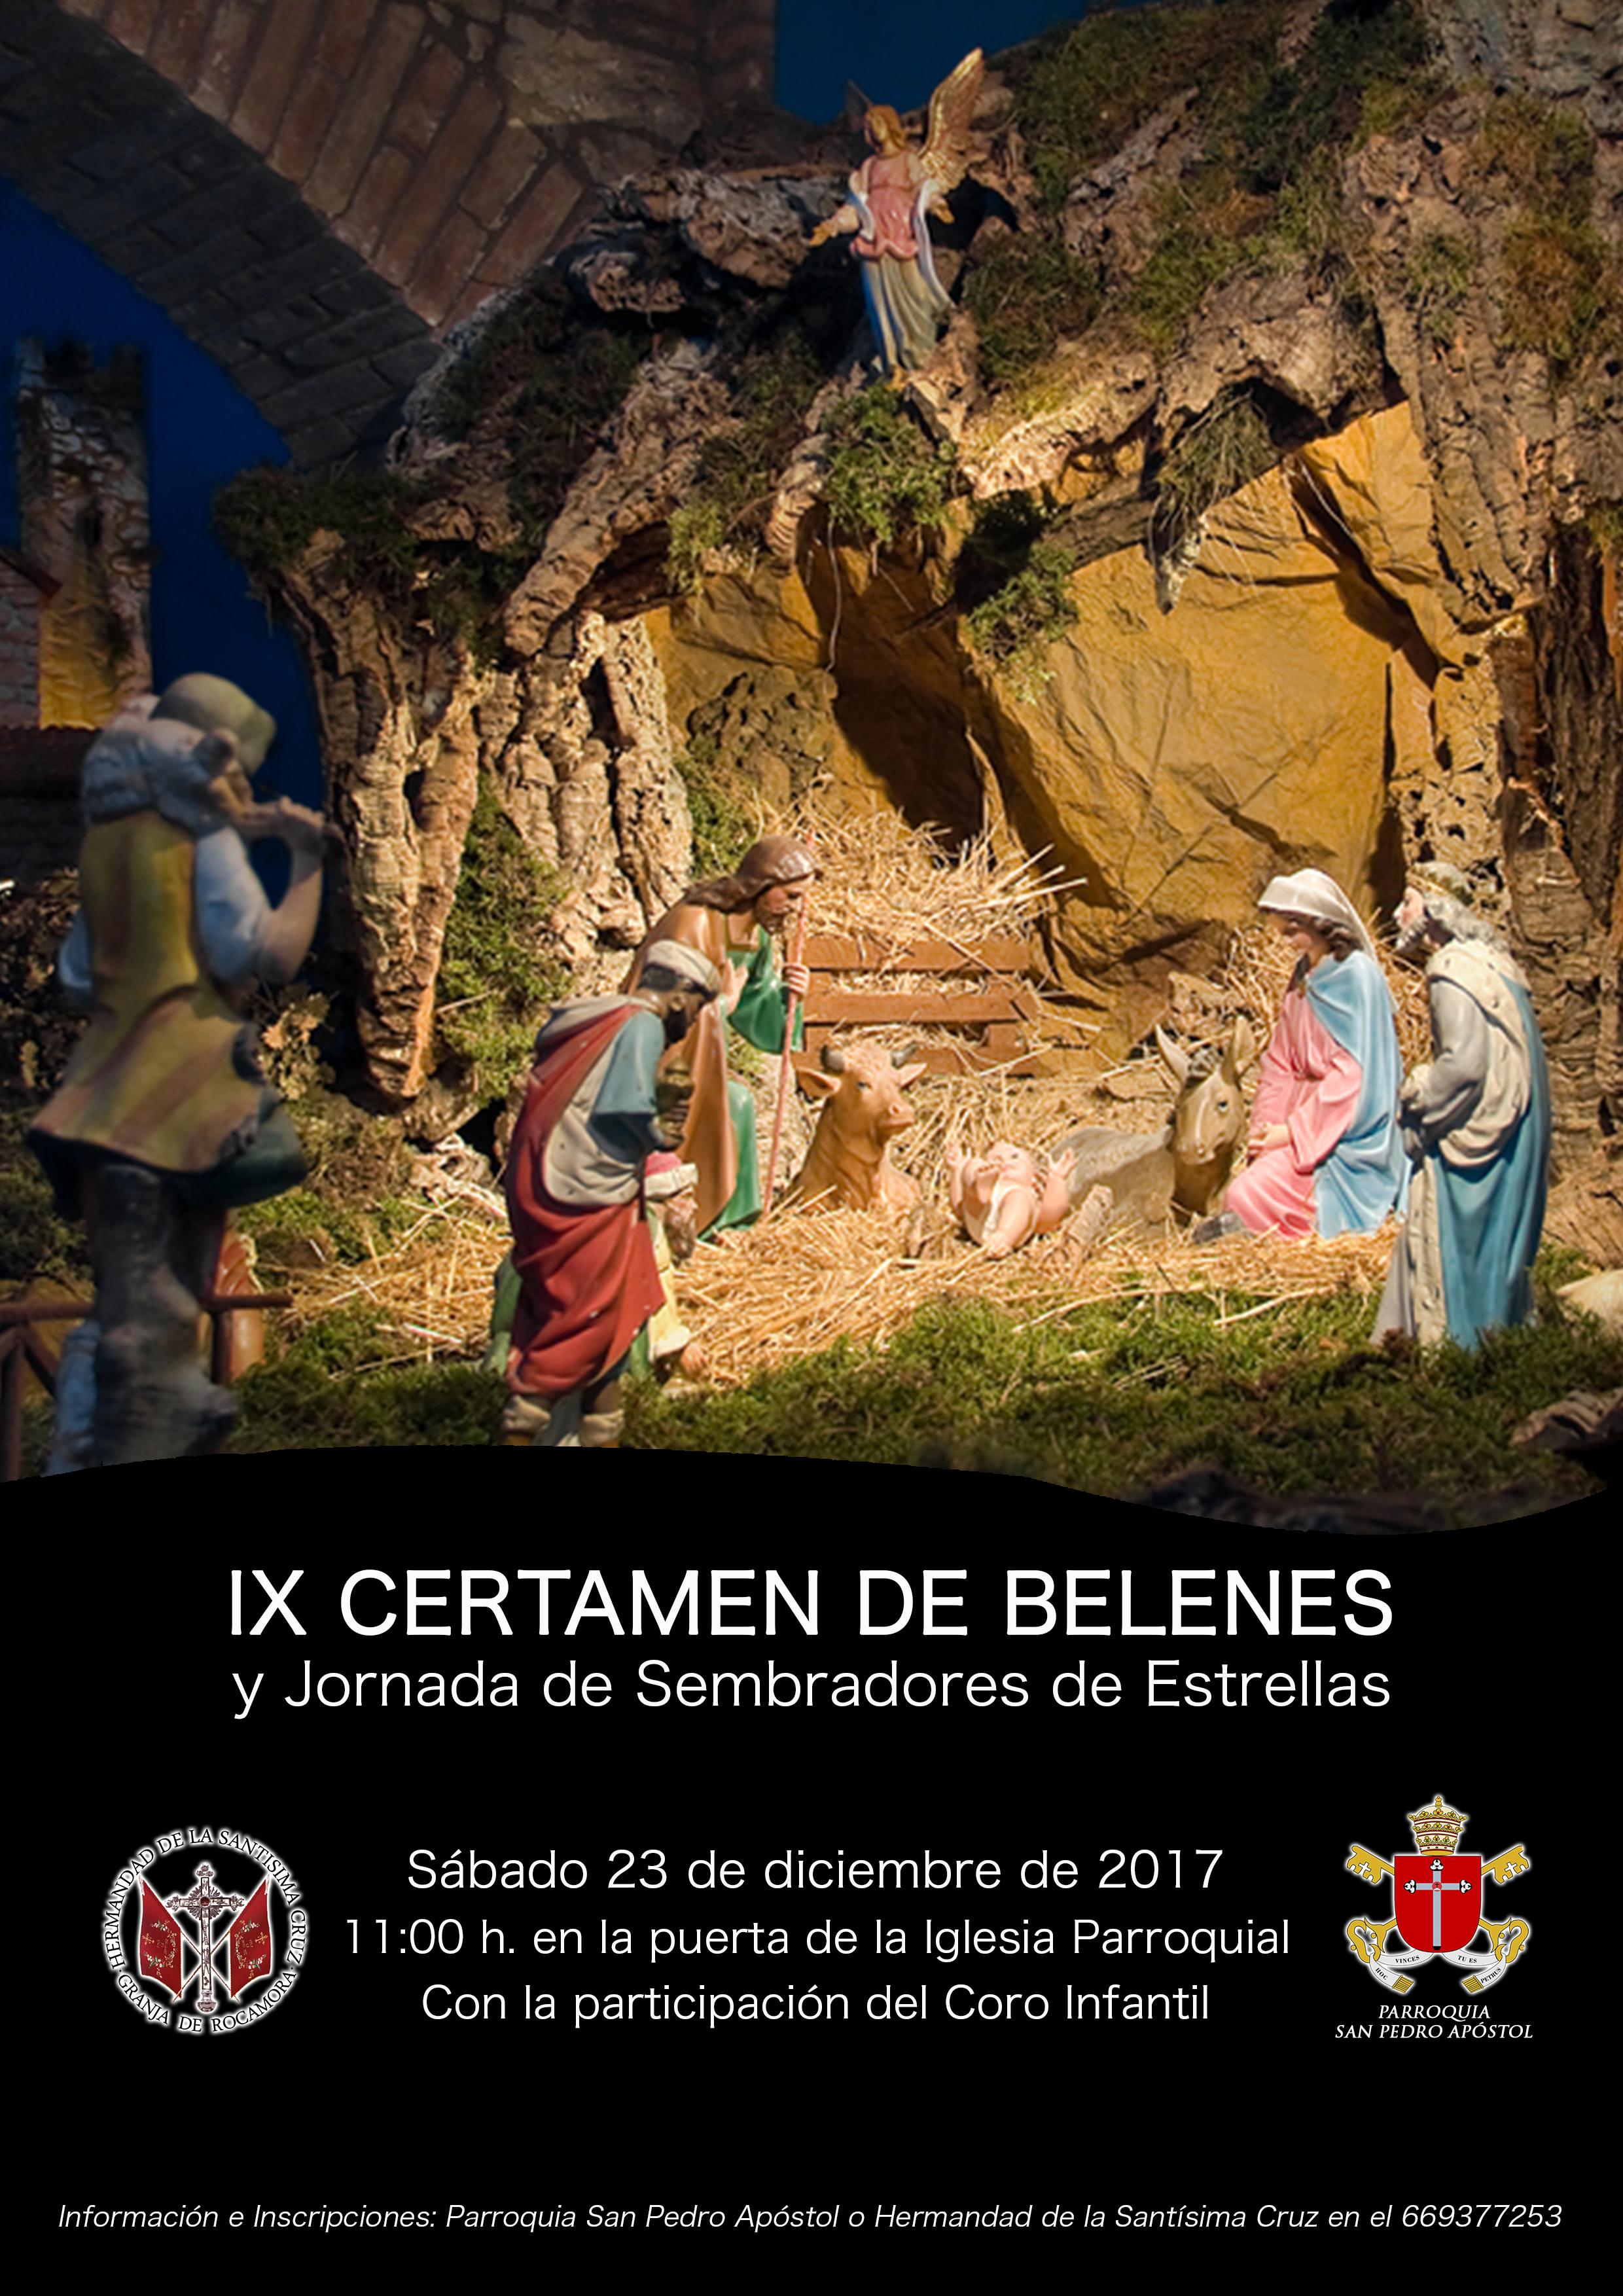 IX CERTAMEN DE BELENES